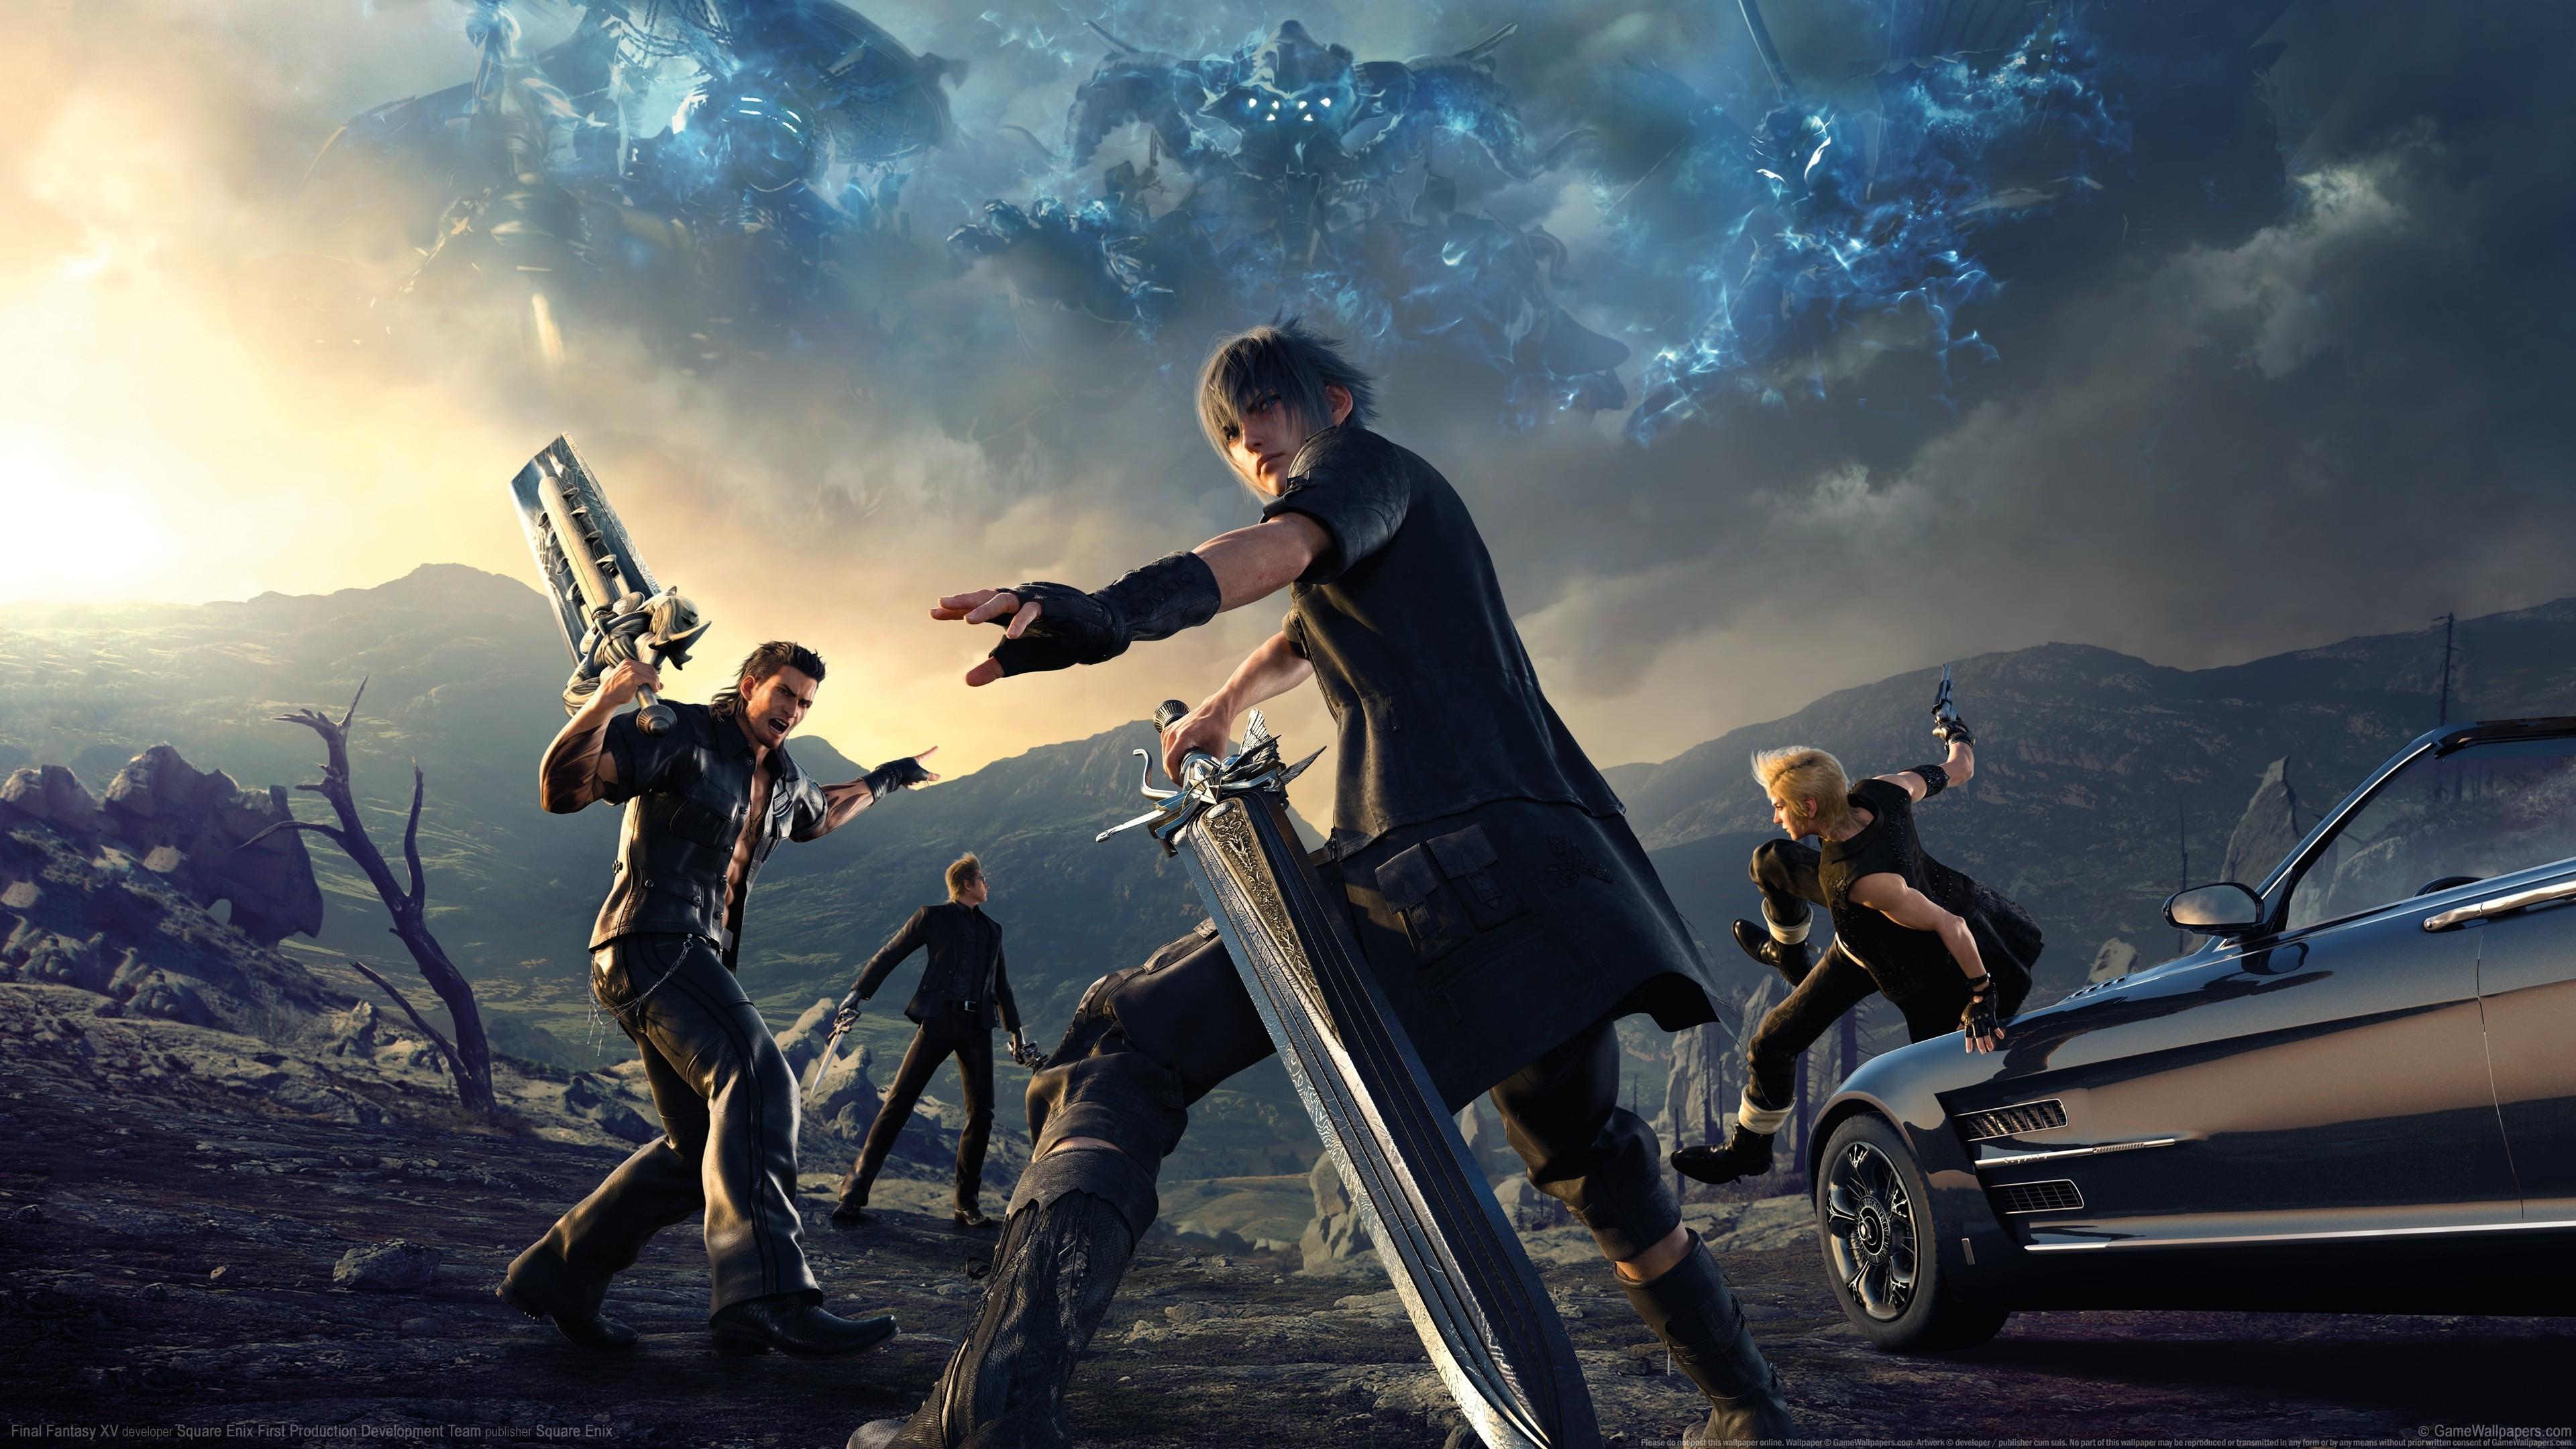 Final Fantasy Xv Wallpaper 88 Immagini